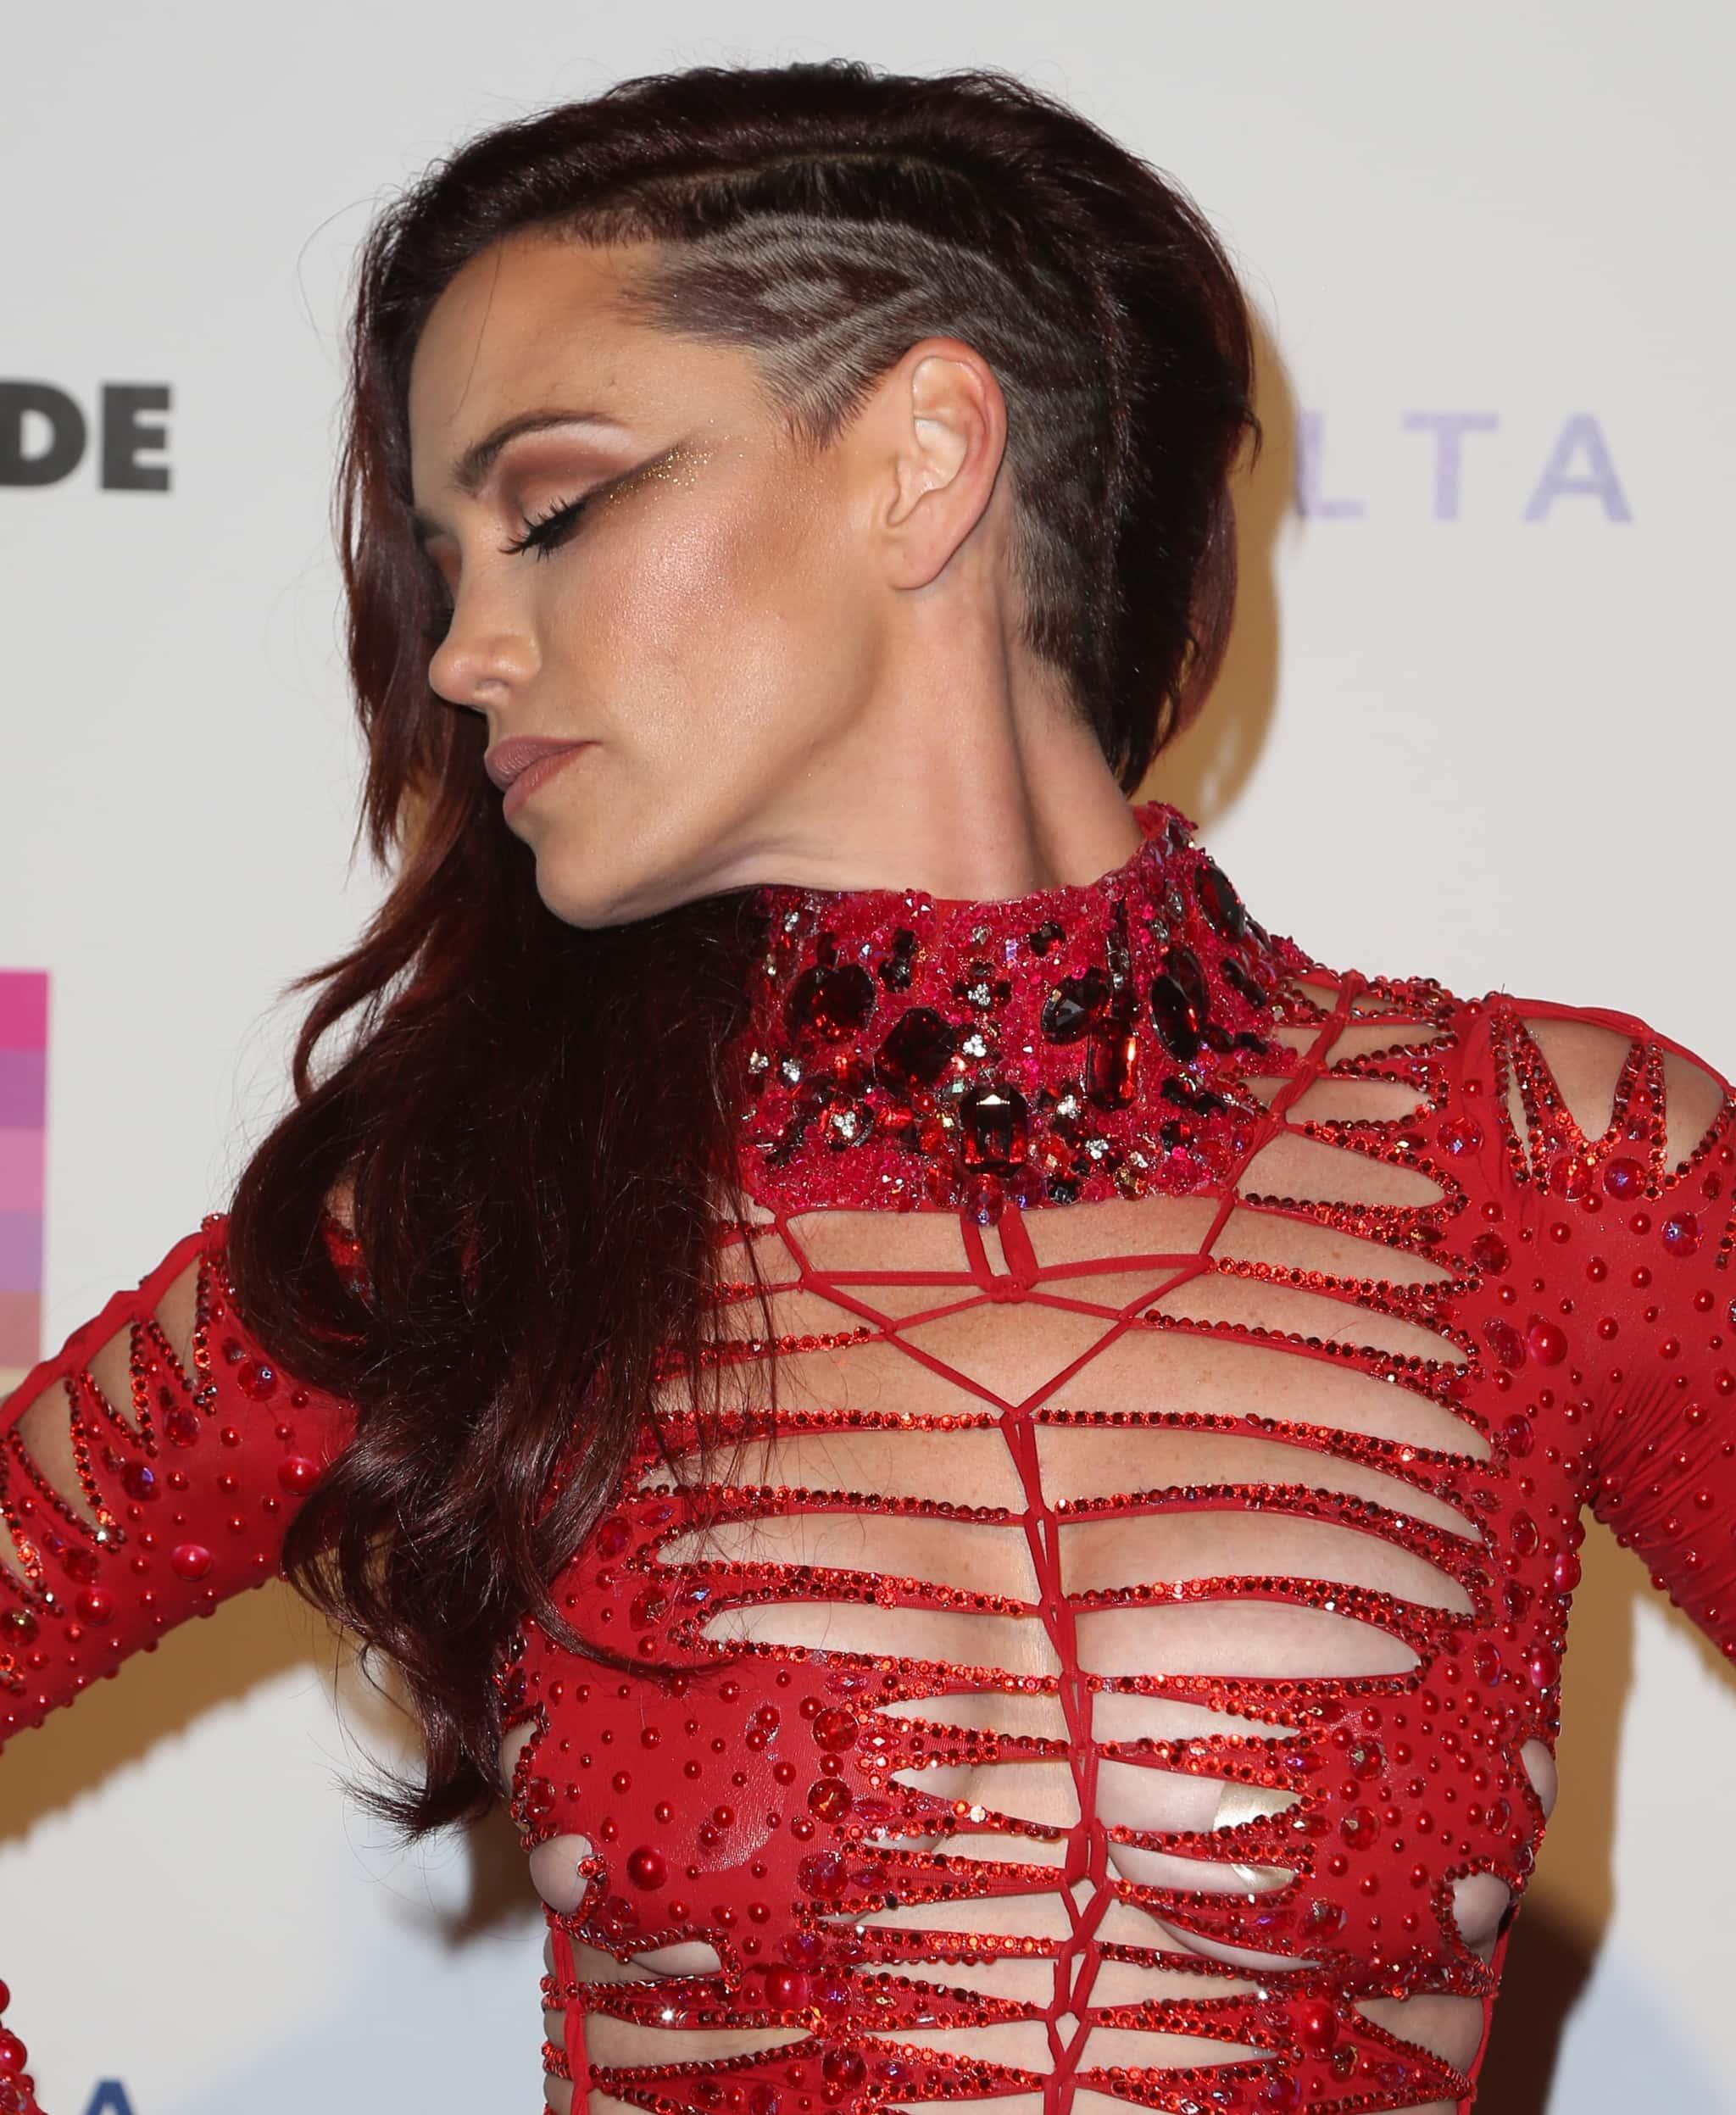 Singer Jessica Sutta attends the 2016 LA PRIDE Music Festival Day 2